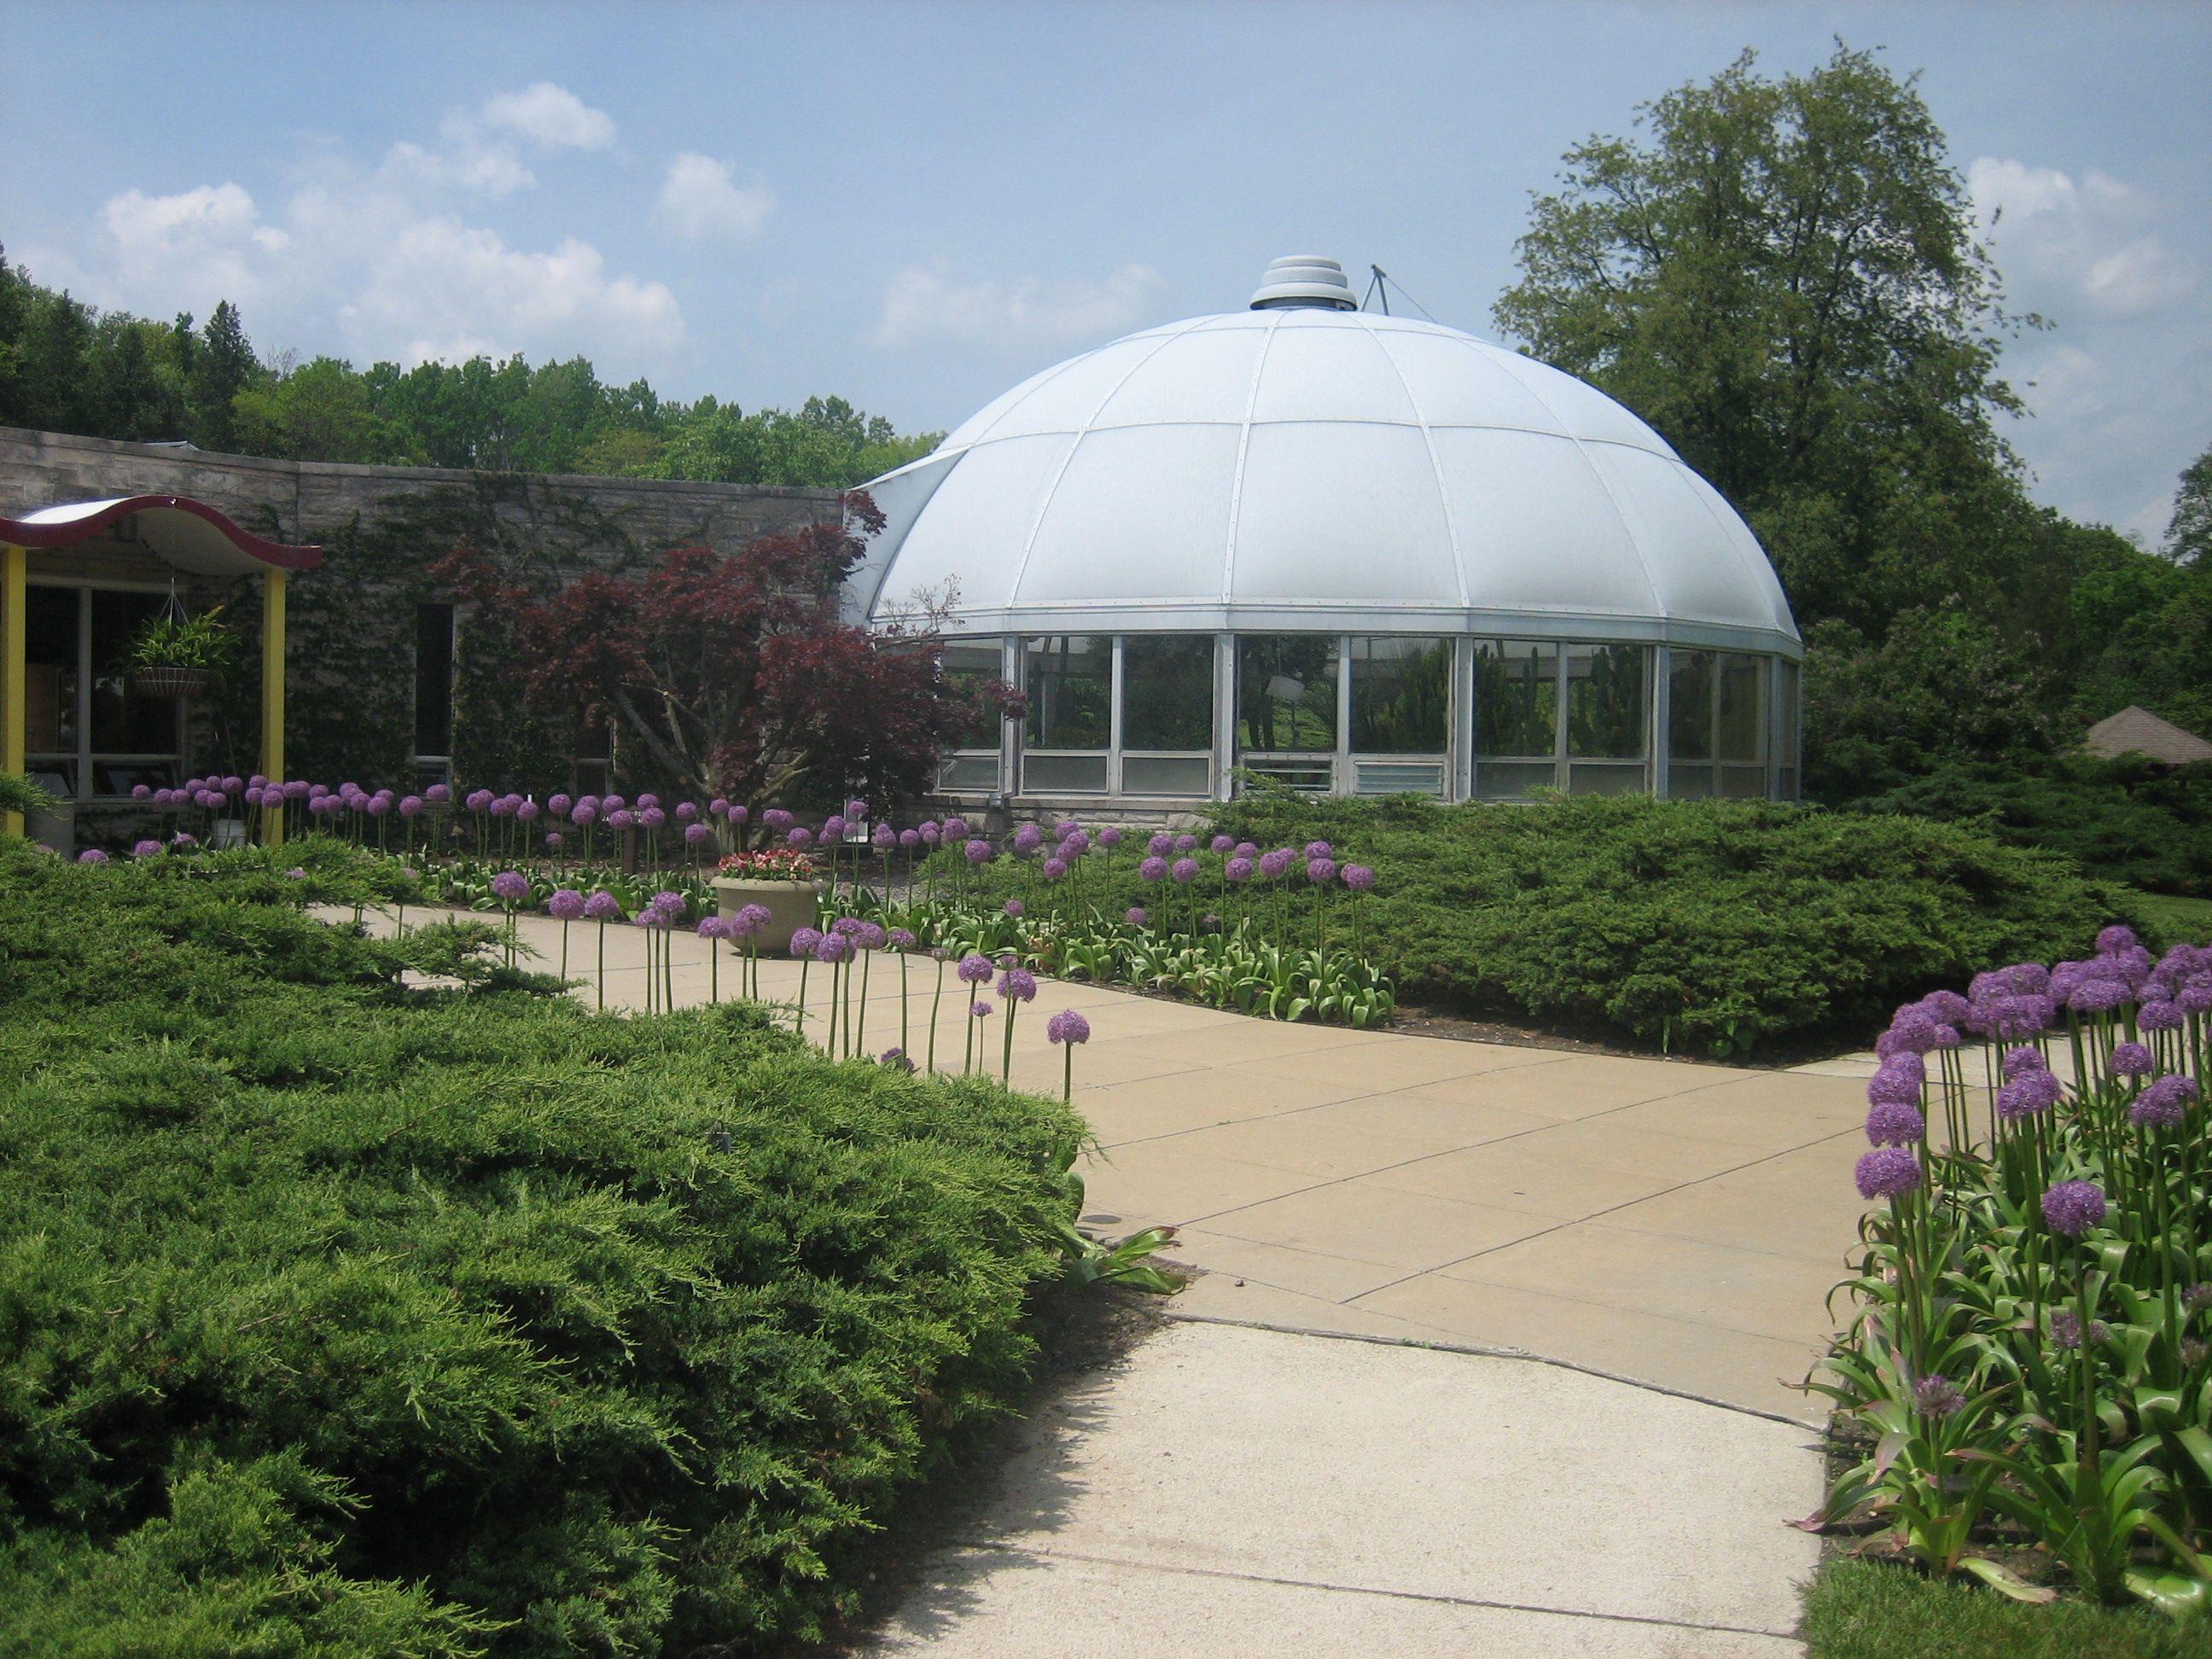 2a1e047e176543adedfc4b92ec5eaebb - Hidden Lake Gardens In Tipton Michigan